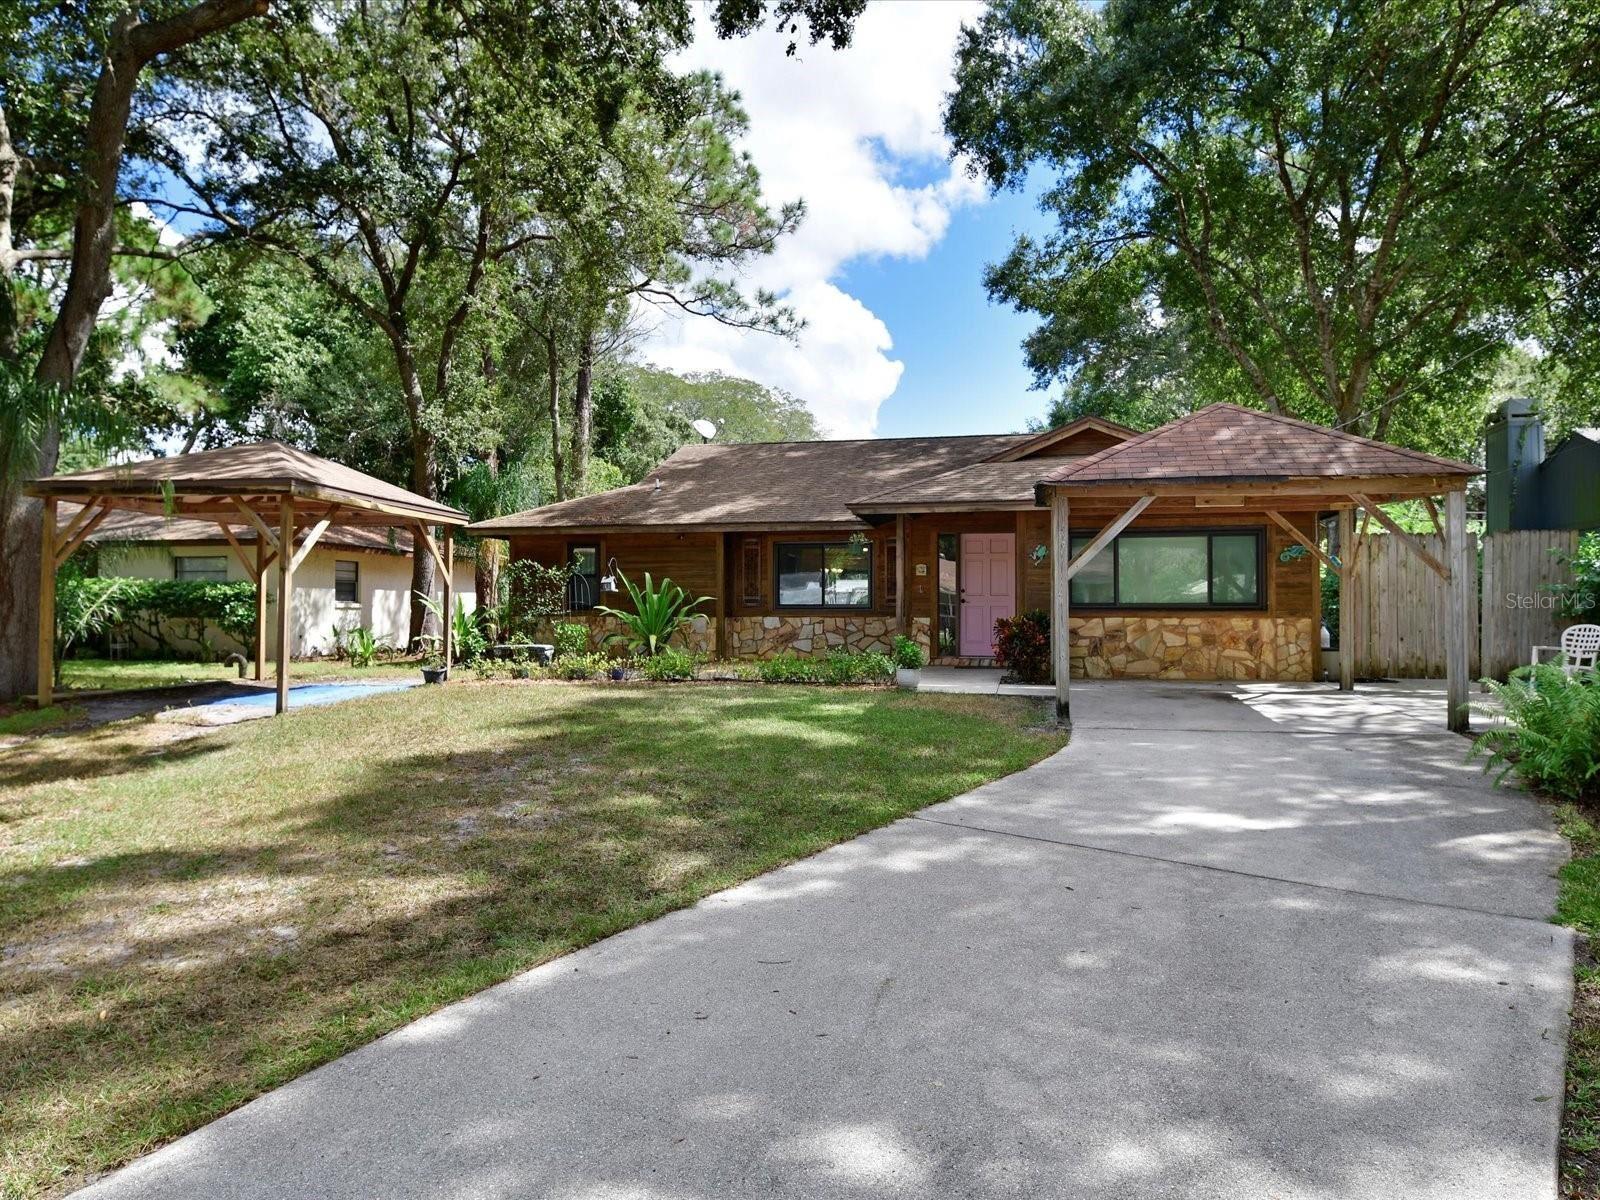 2035 LINWOOD WAY, Sarasota, FL 34232 - #: A4514929